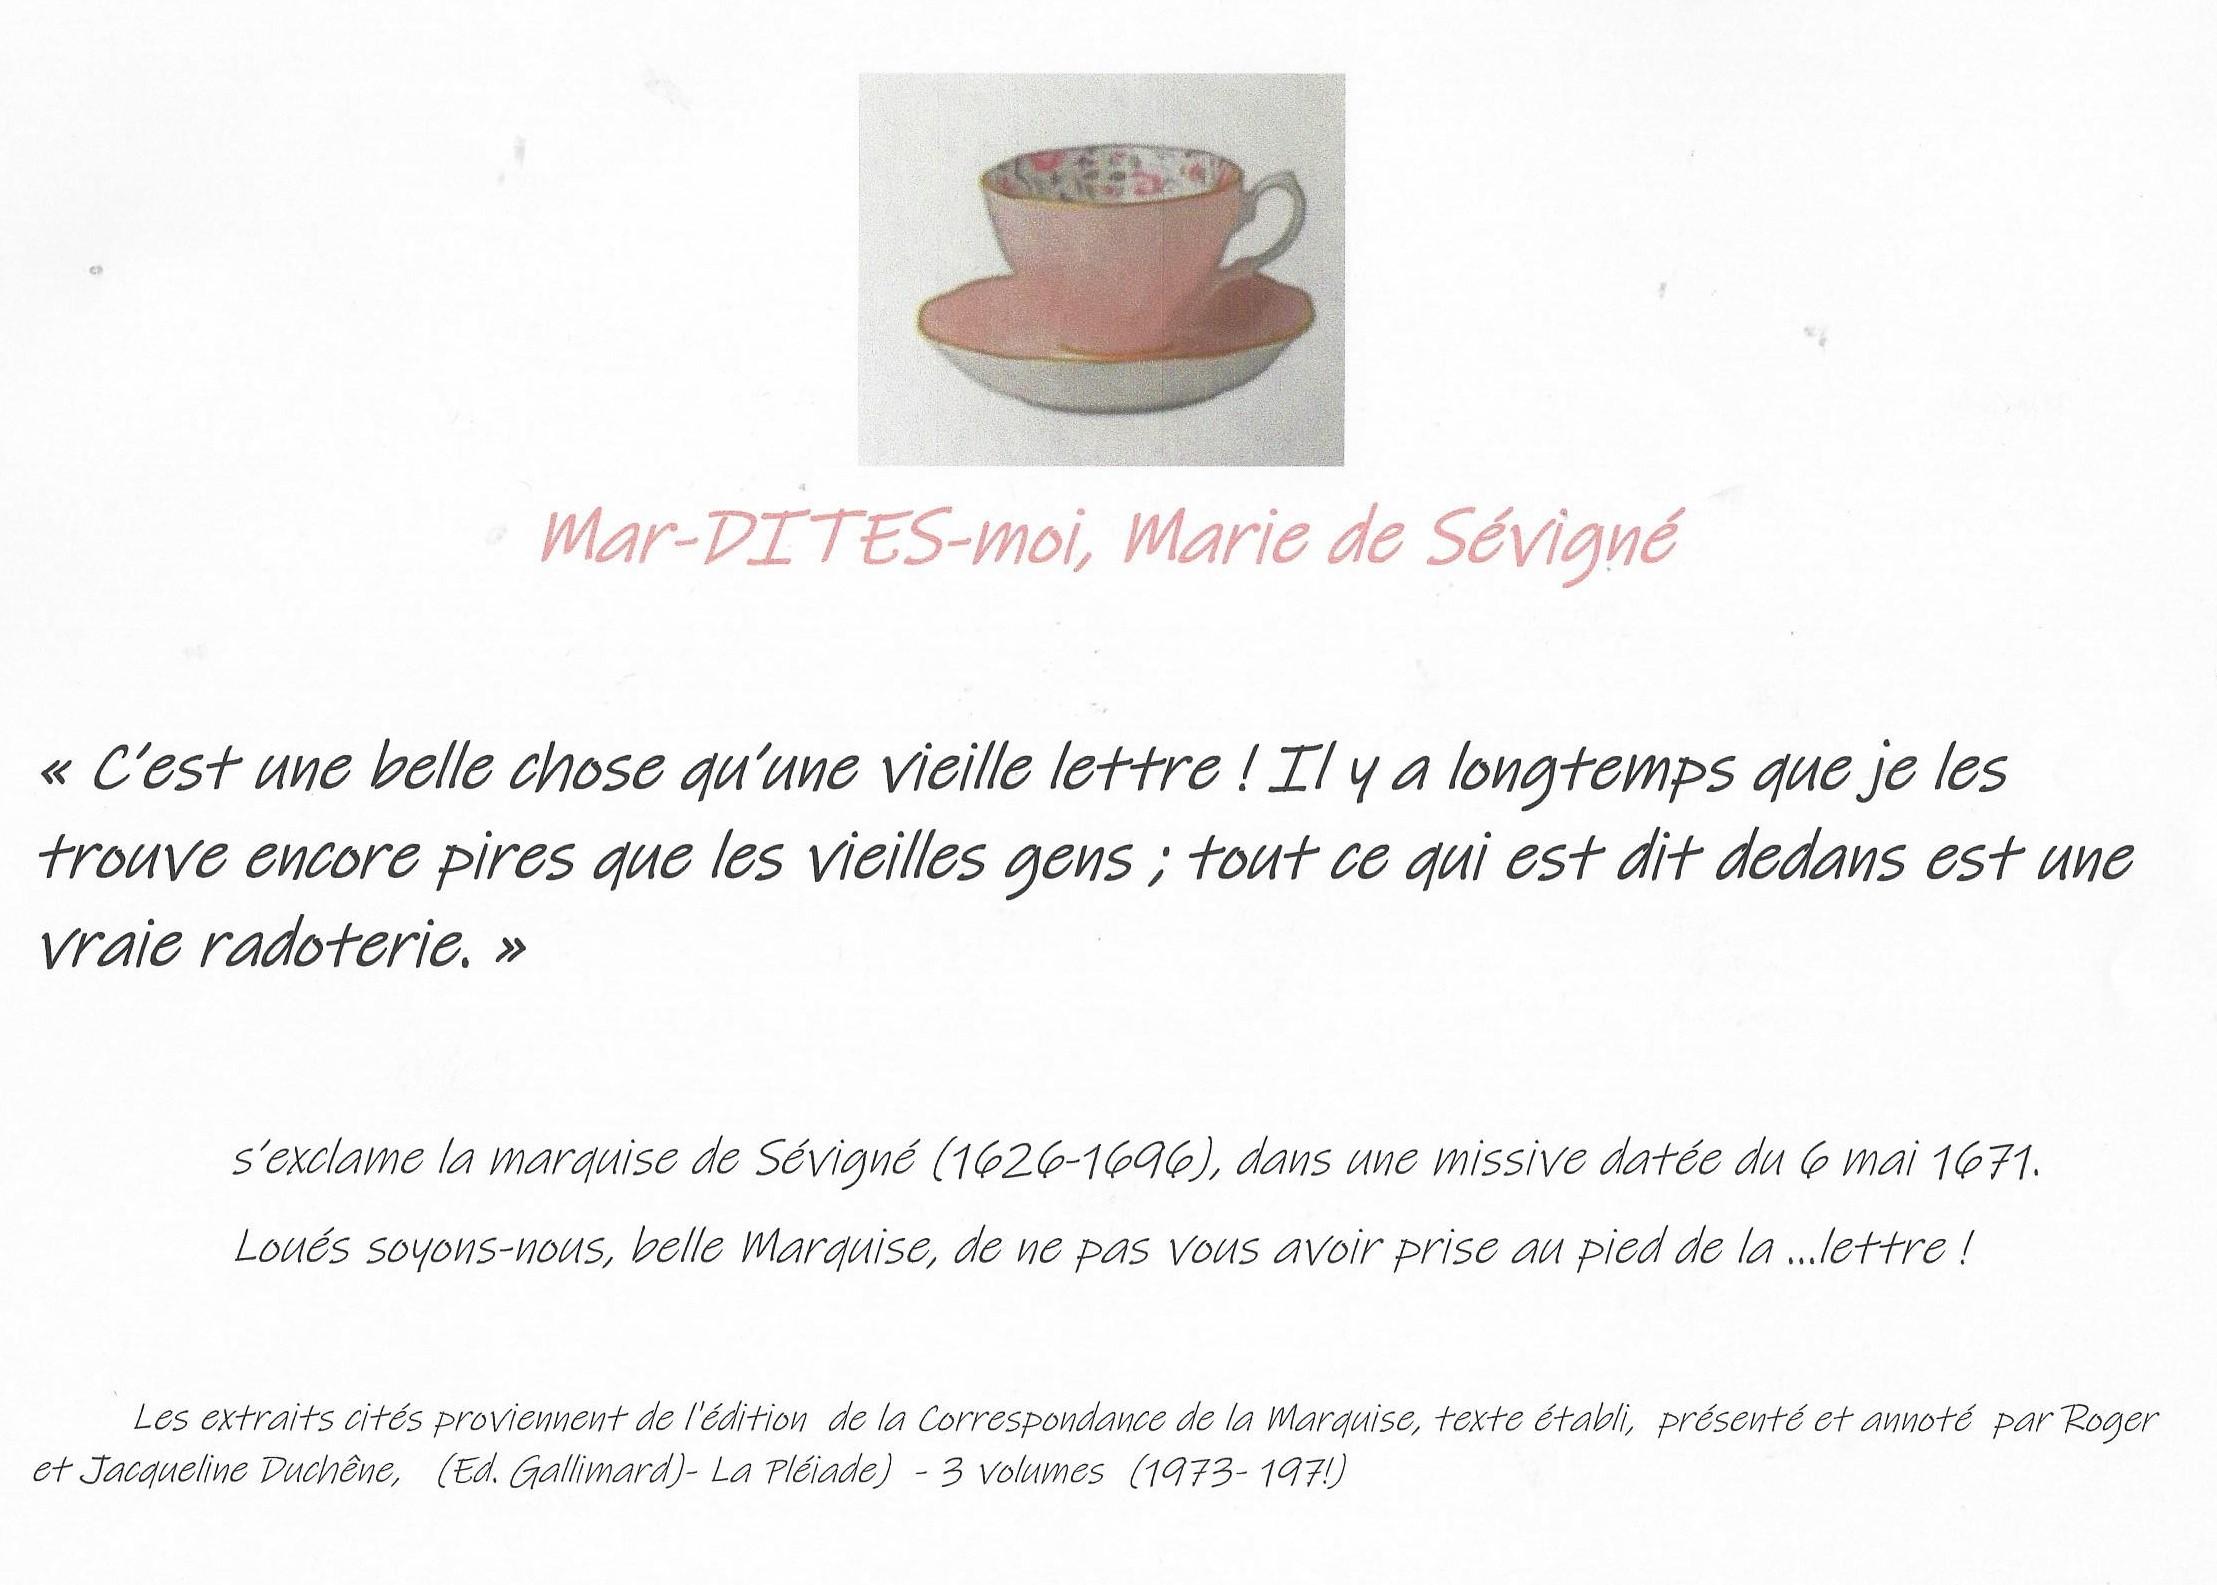 Mar-Dites-moi :  La marquise et les vieilles lettres ...